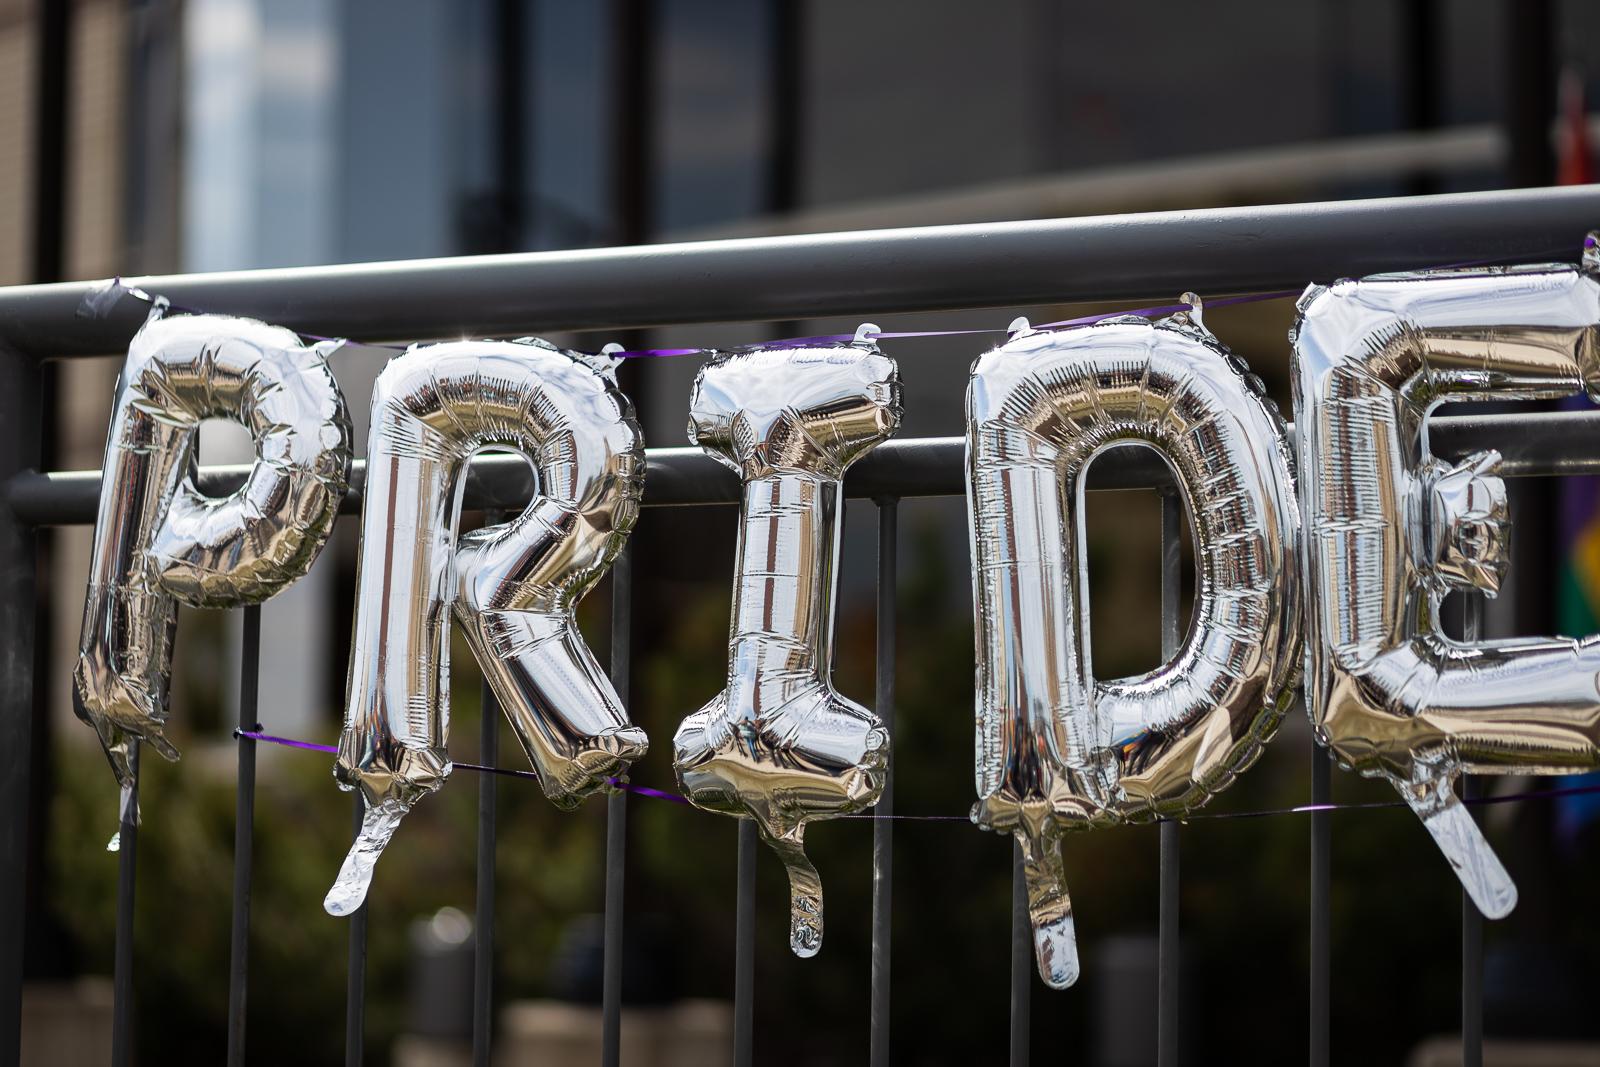 pride-2019-opening-ceremonies-blog-48.jpg